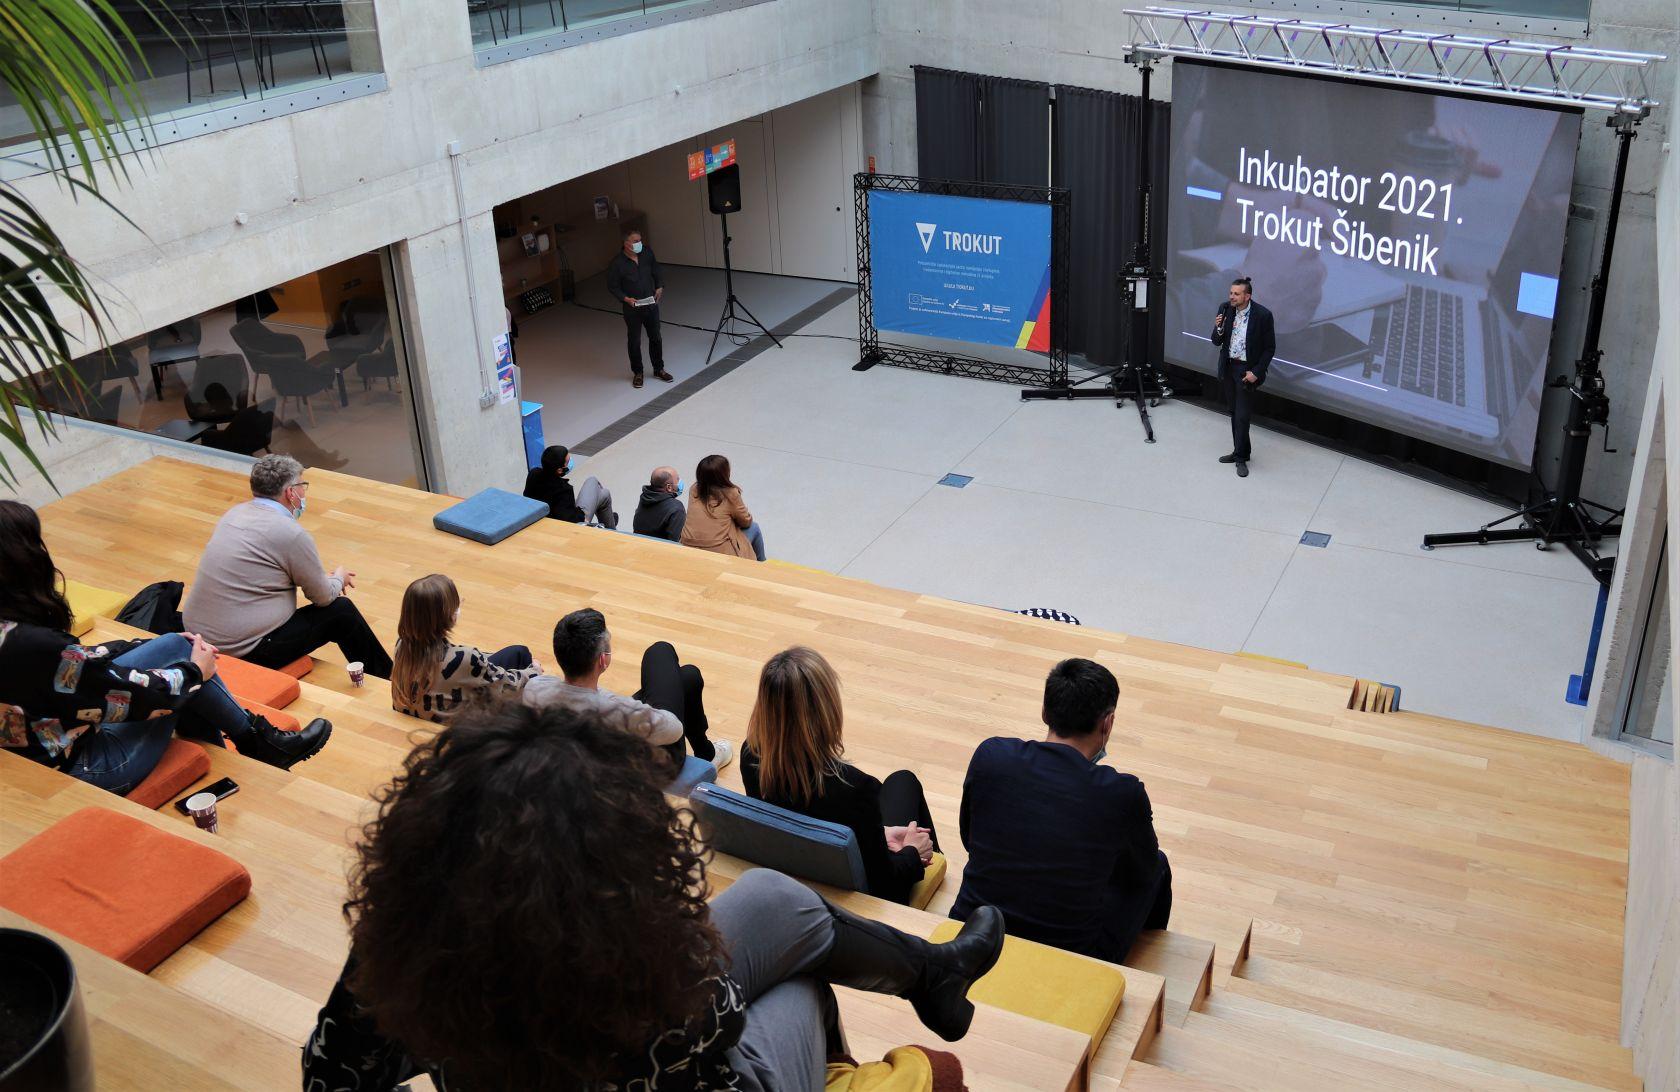 """""""Inkubator 2021"""":  Sedam poduzetnika u Trokutu  obučava se za proboj na tržište, a najbolje očekuju vrijedne novčane nagrade"""